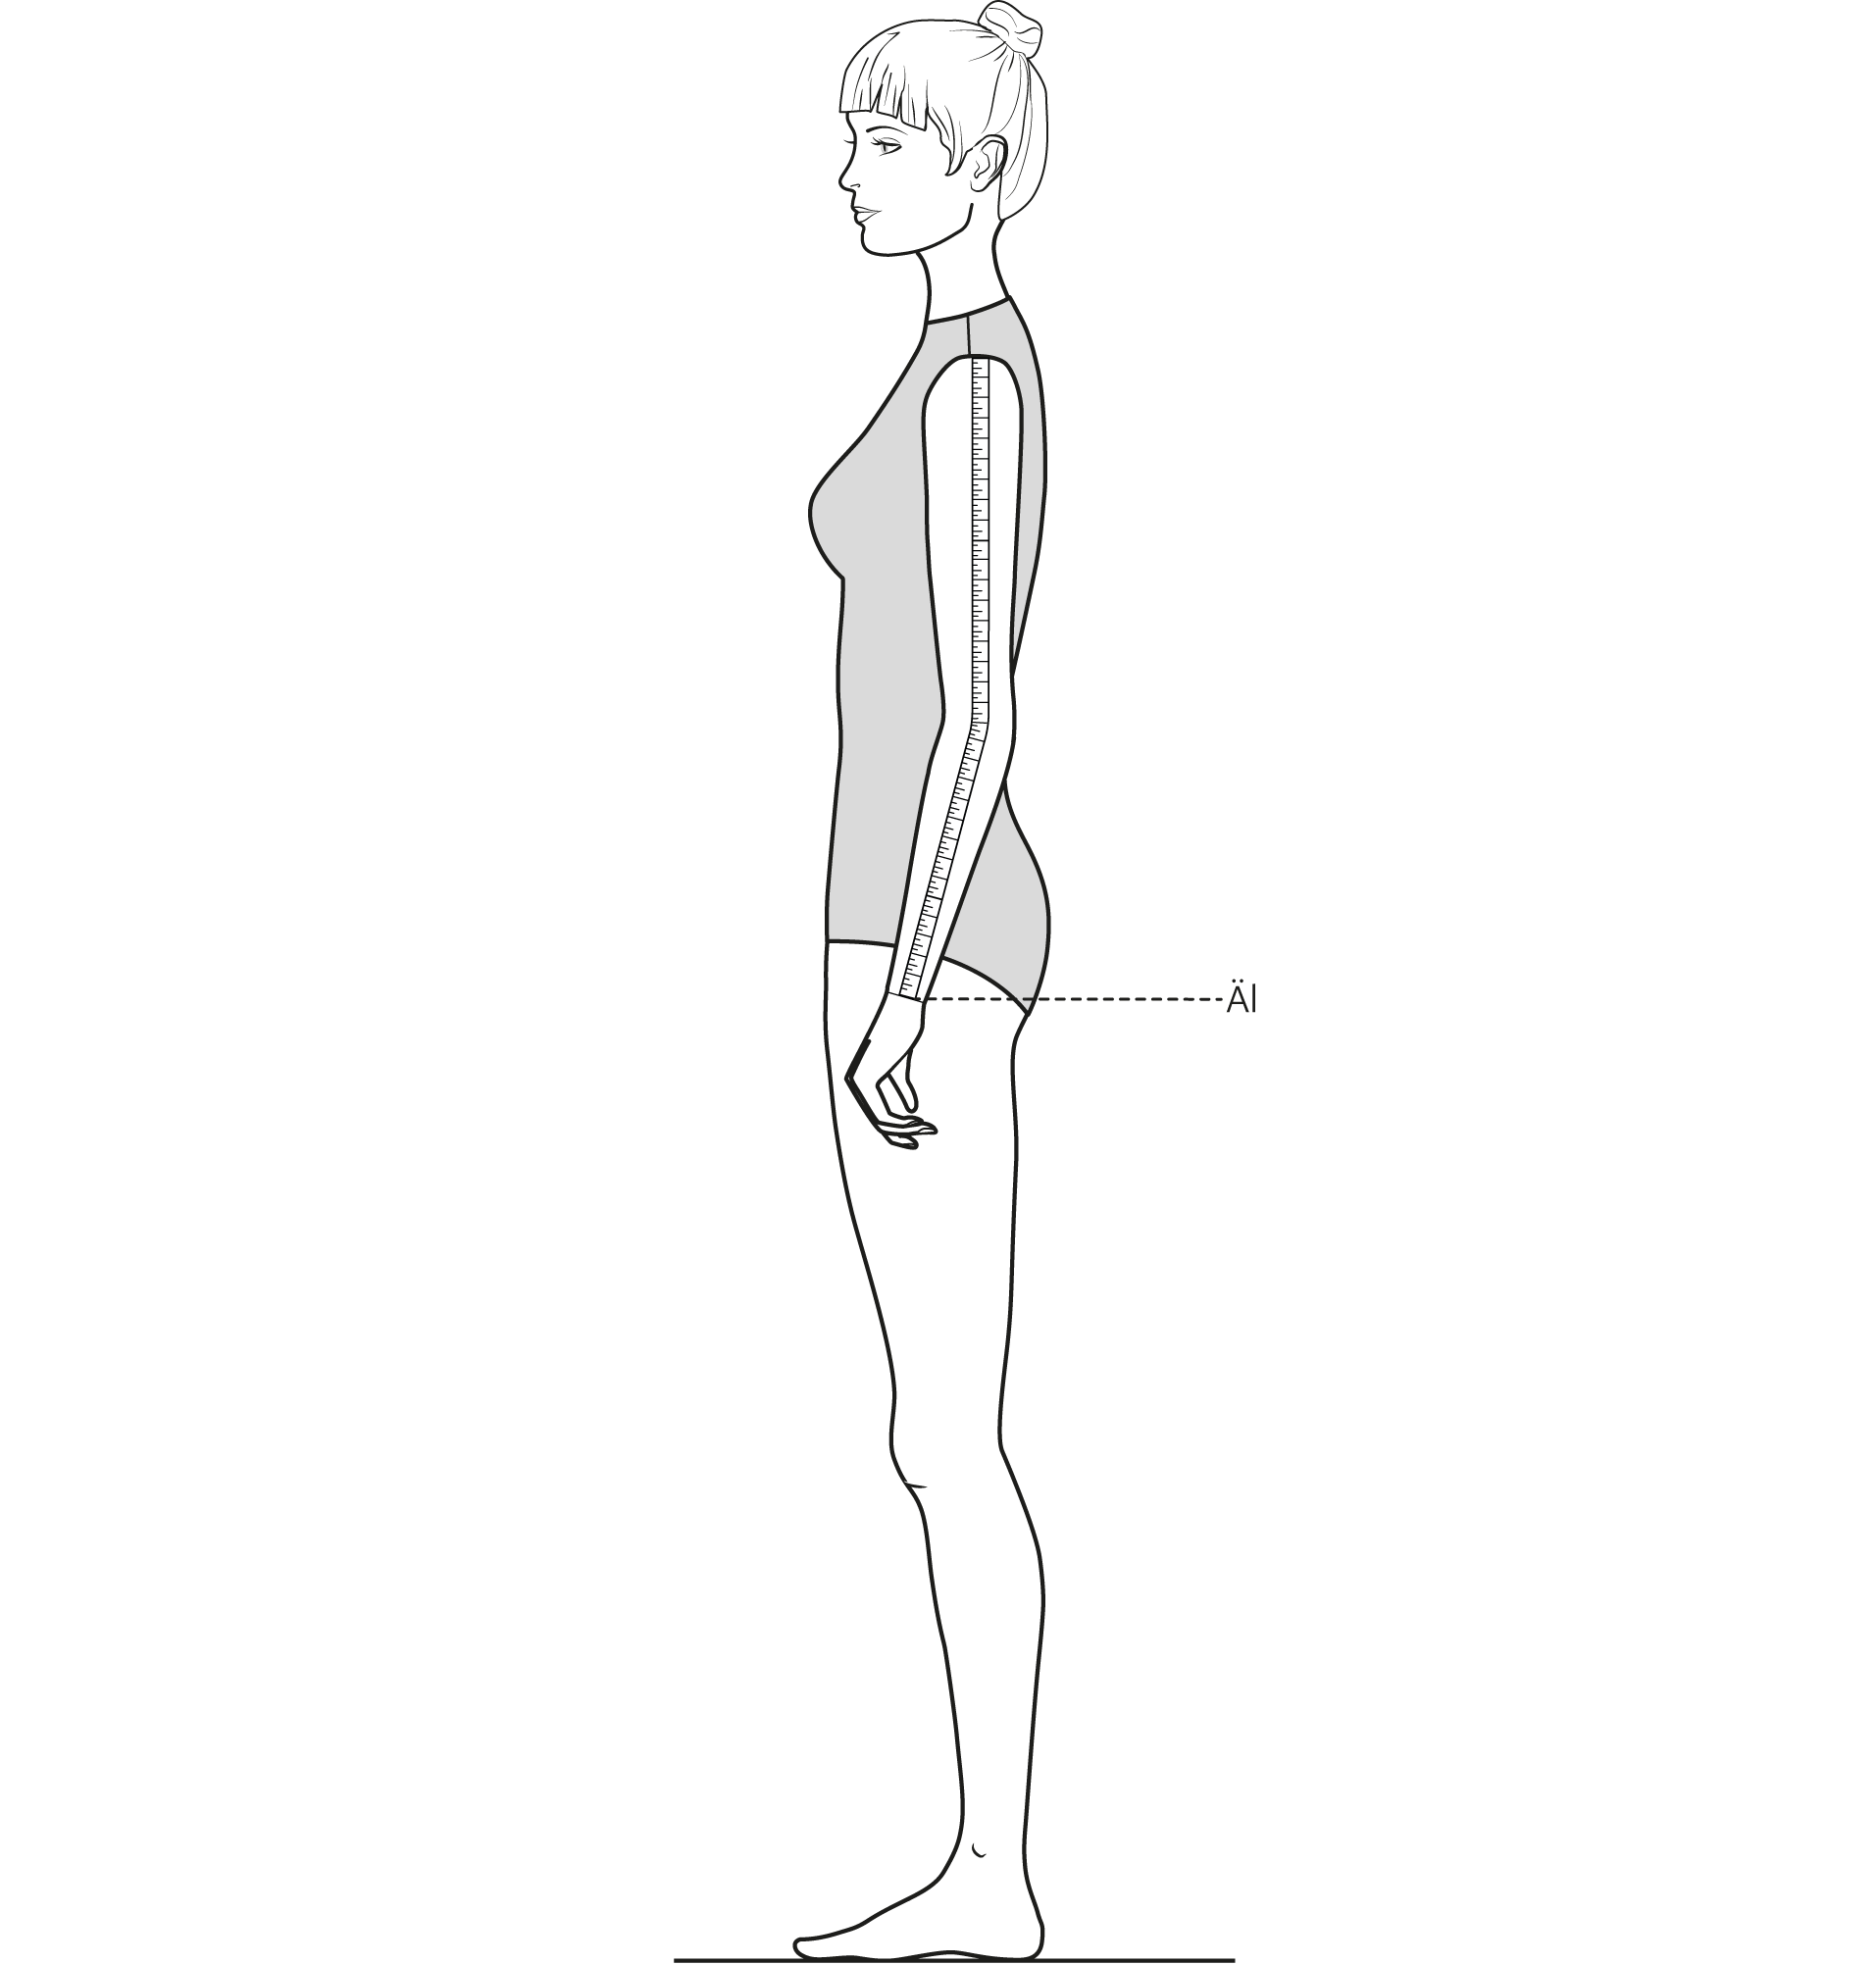 Diese Zeichnung zeigt das Messen der Ärmellänge.